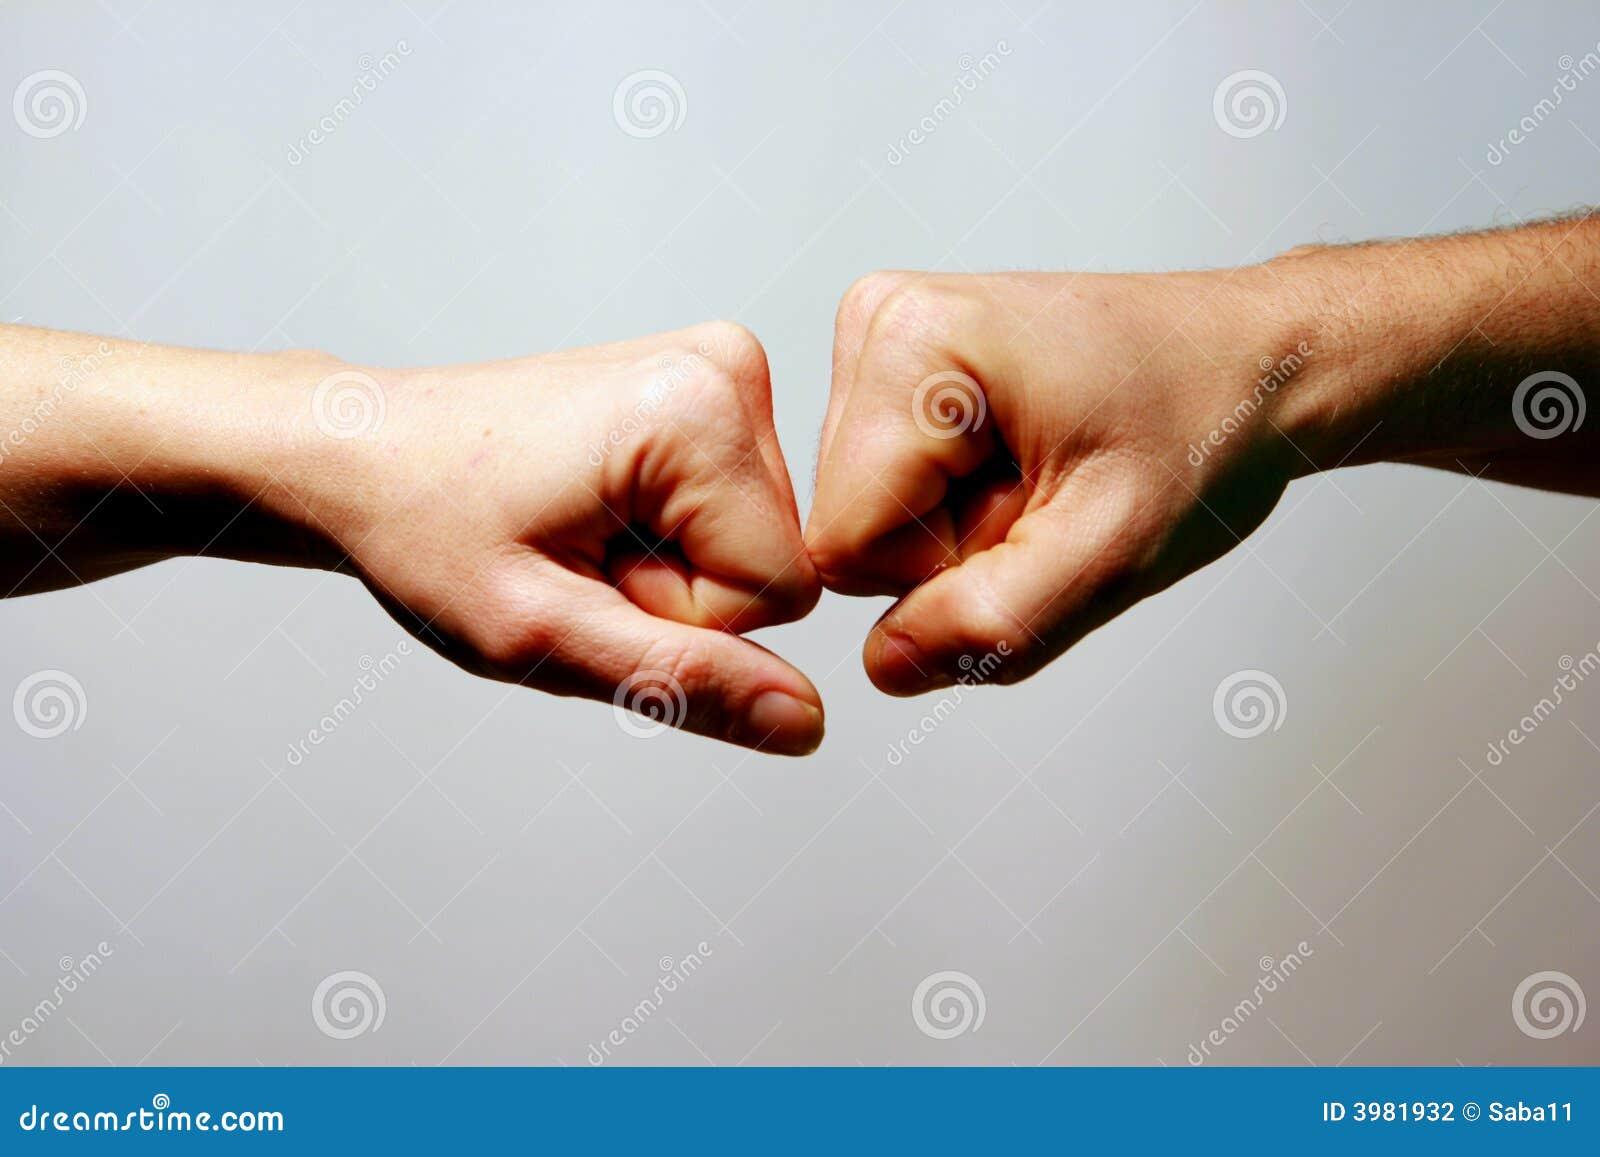 Amor e cumplicidade foto de stock. Imagem de cumplicidade